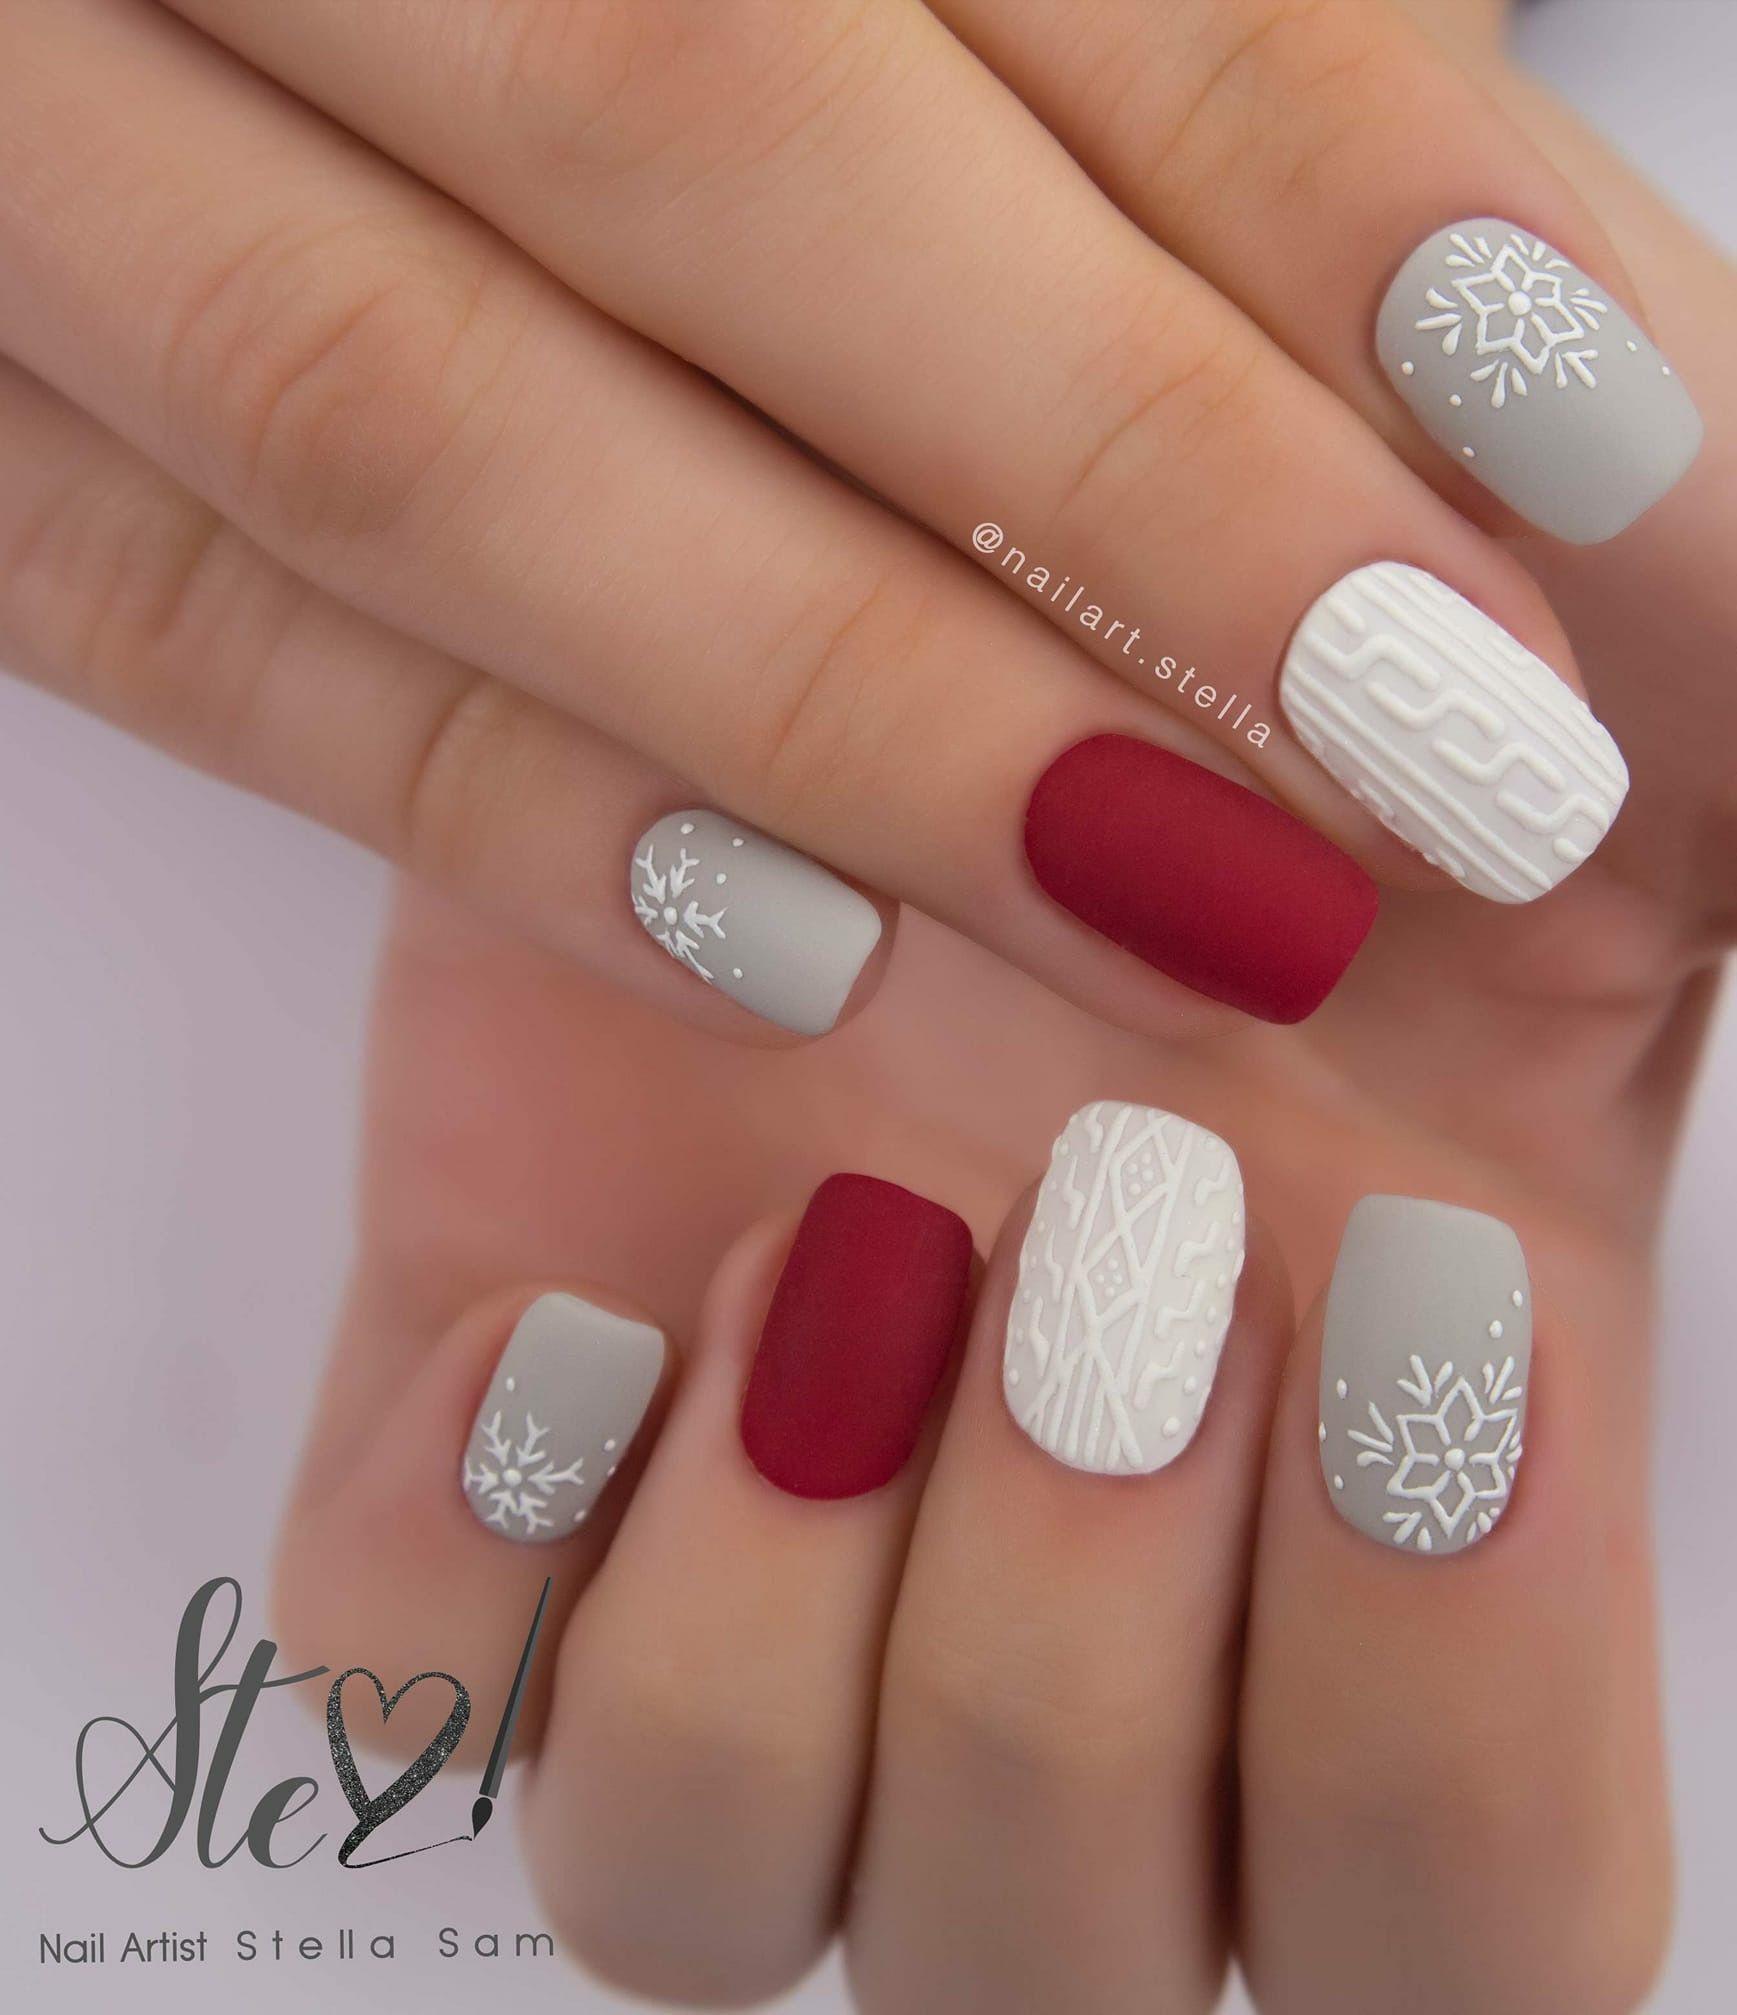 Pin By Mirka Cieslarova On Nails Gelove Nehty Pastelove Nehty Design Nehtu